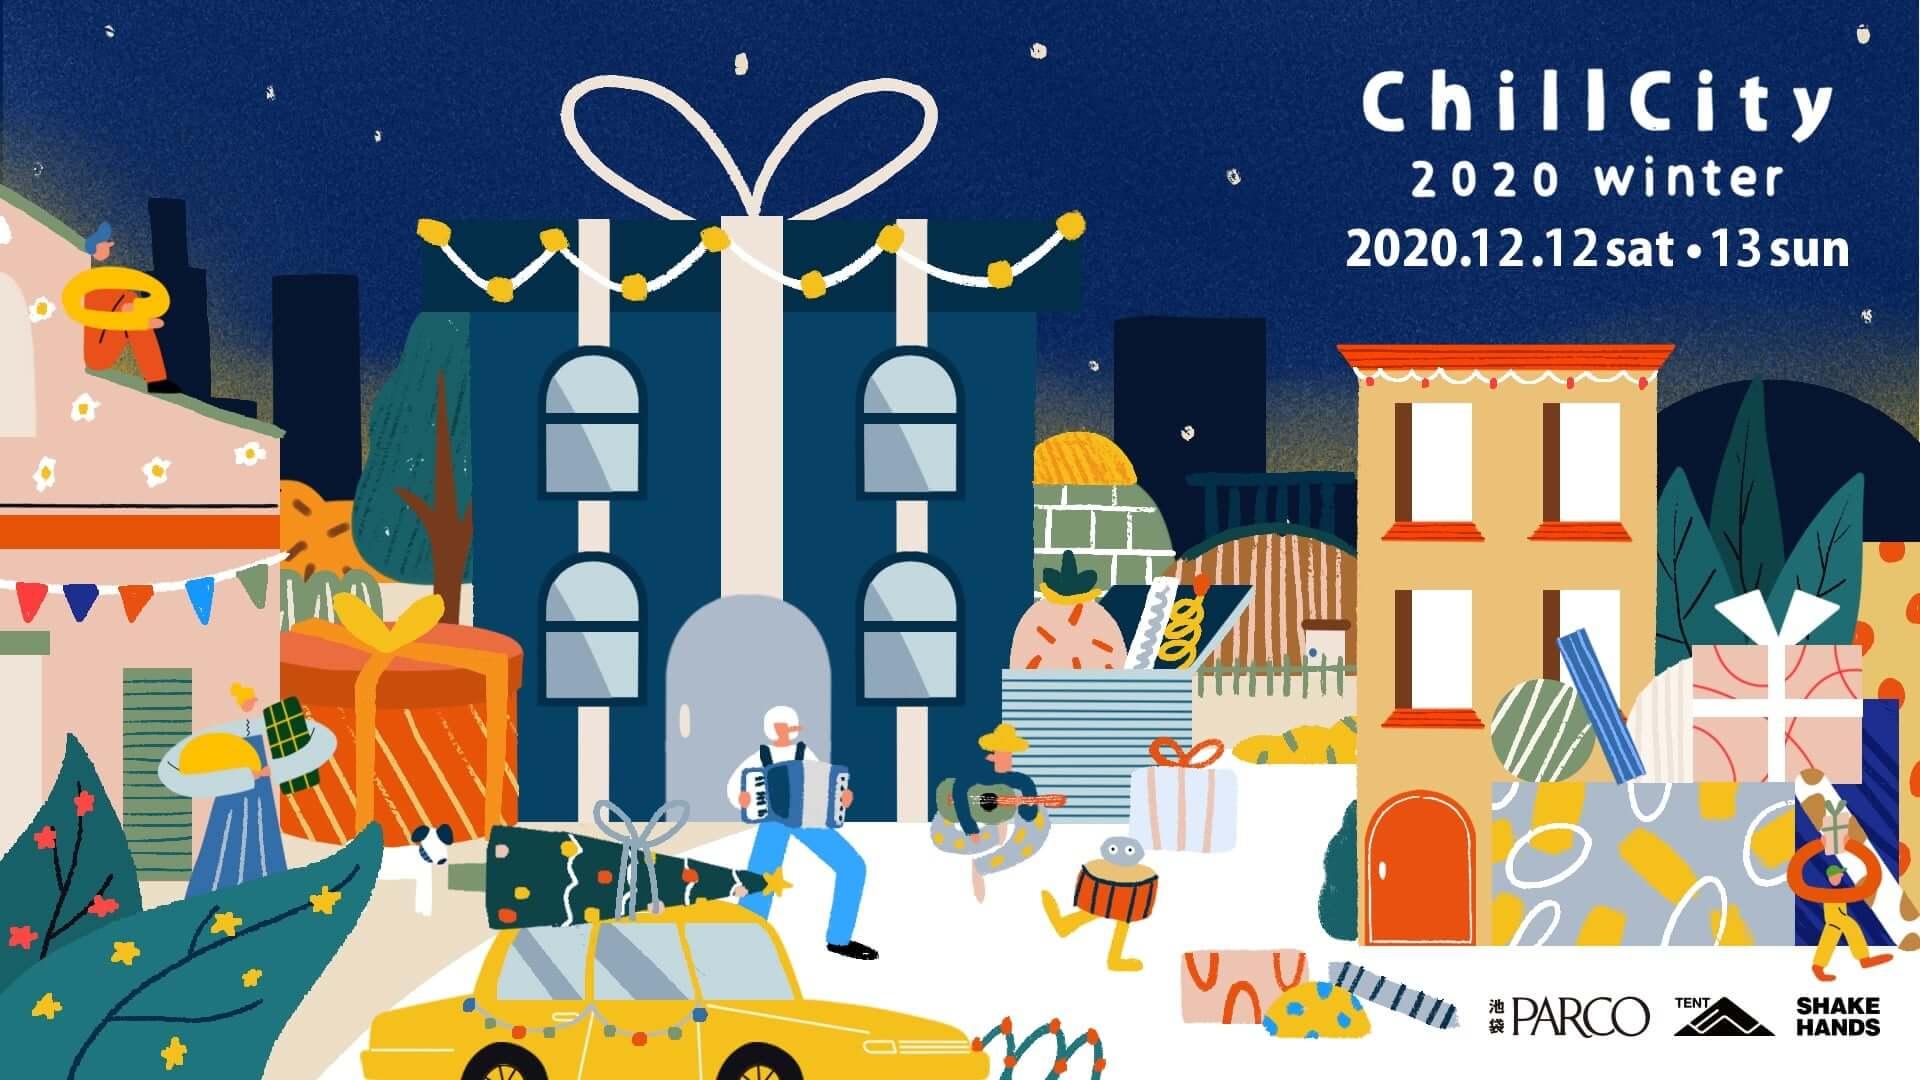 池袋PARCOで開催される<ChillCity 2020 Winter>の全ラインナップが発表!FNCY、環ROY、Kuro、さとうもからが出演決定 music201124_chillcity_11-1920x1080